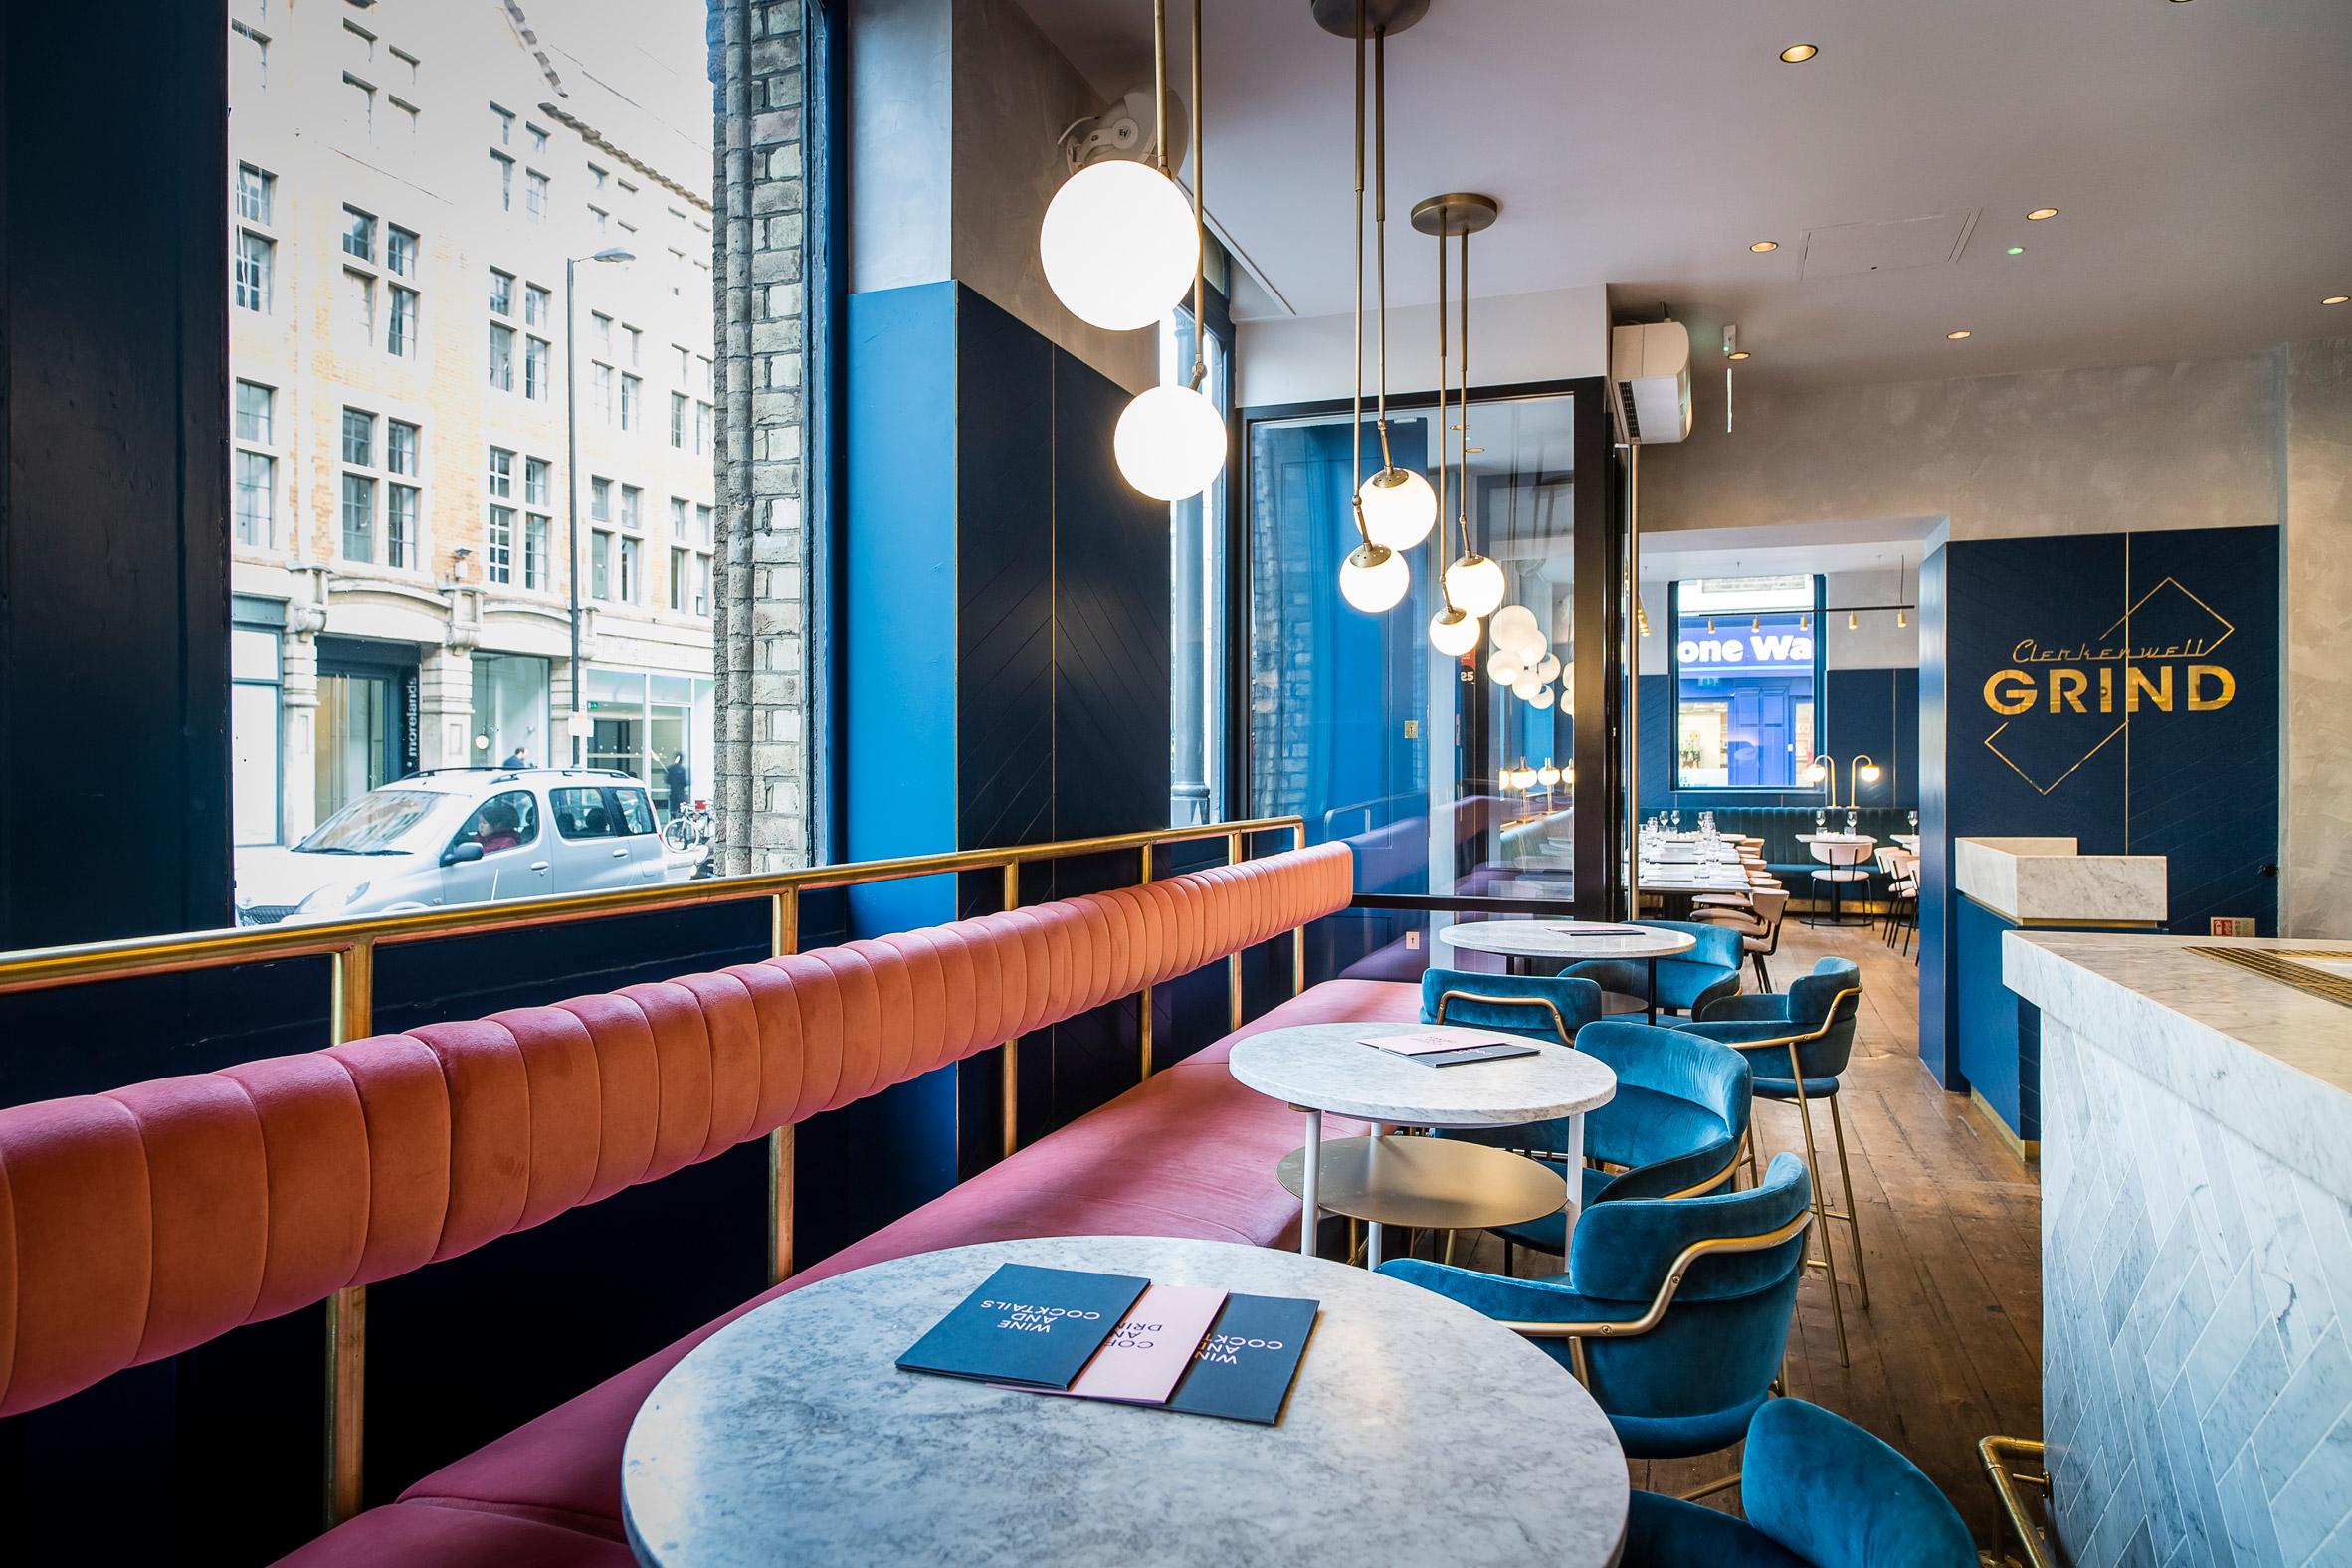 clerkenwell-grind-biasol-restaurants-bars-interiors-london-uk_dezeen_2364_col_5